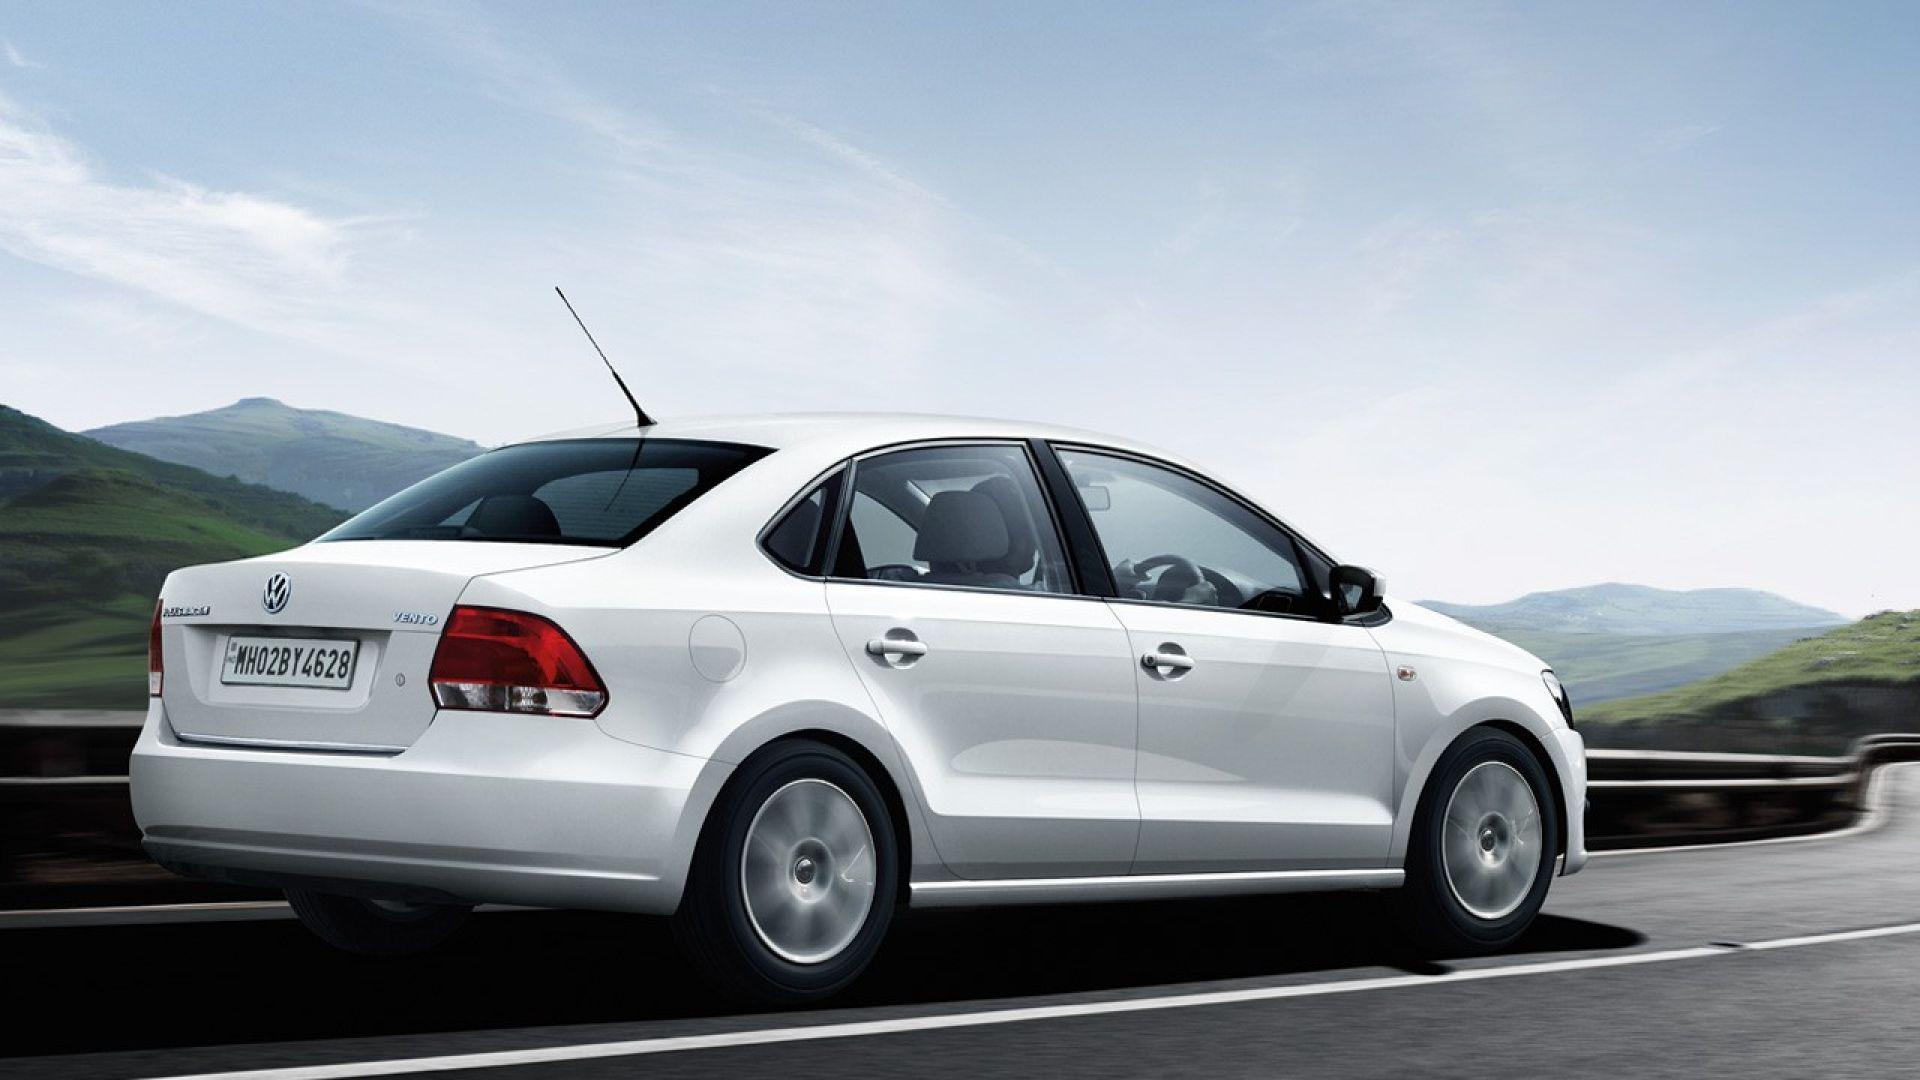 Immagine 2: Volkswagen: un brand low-cost per i mercati emergenti?